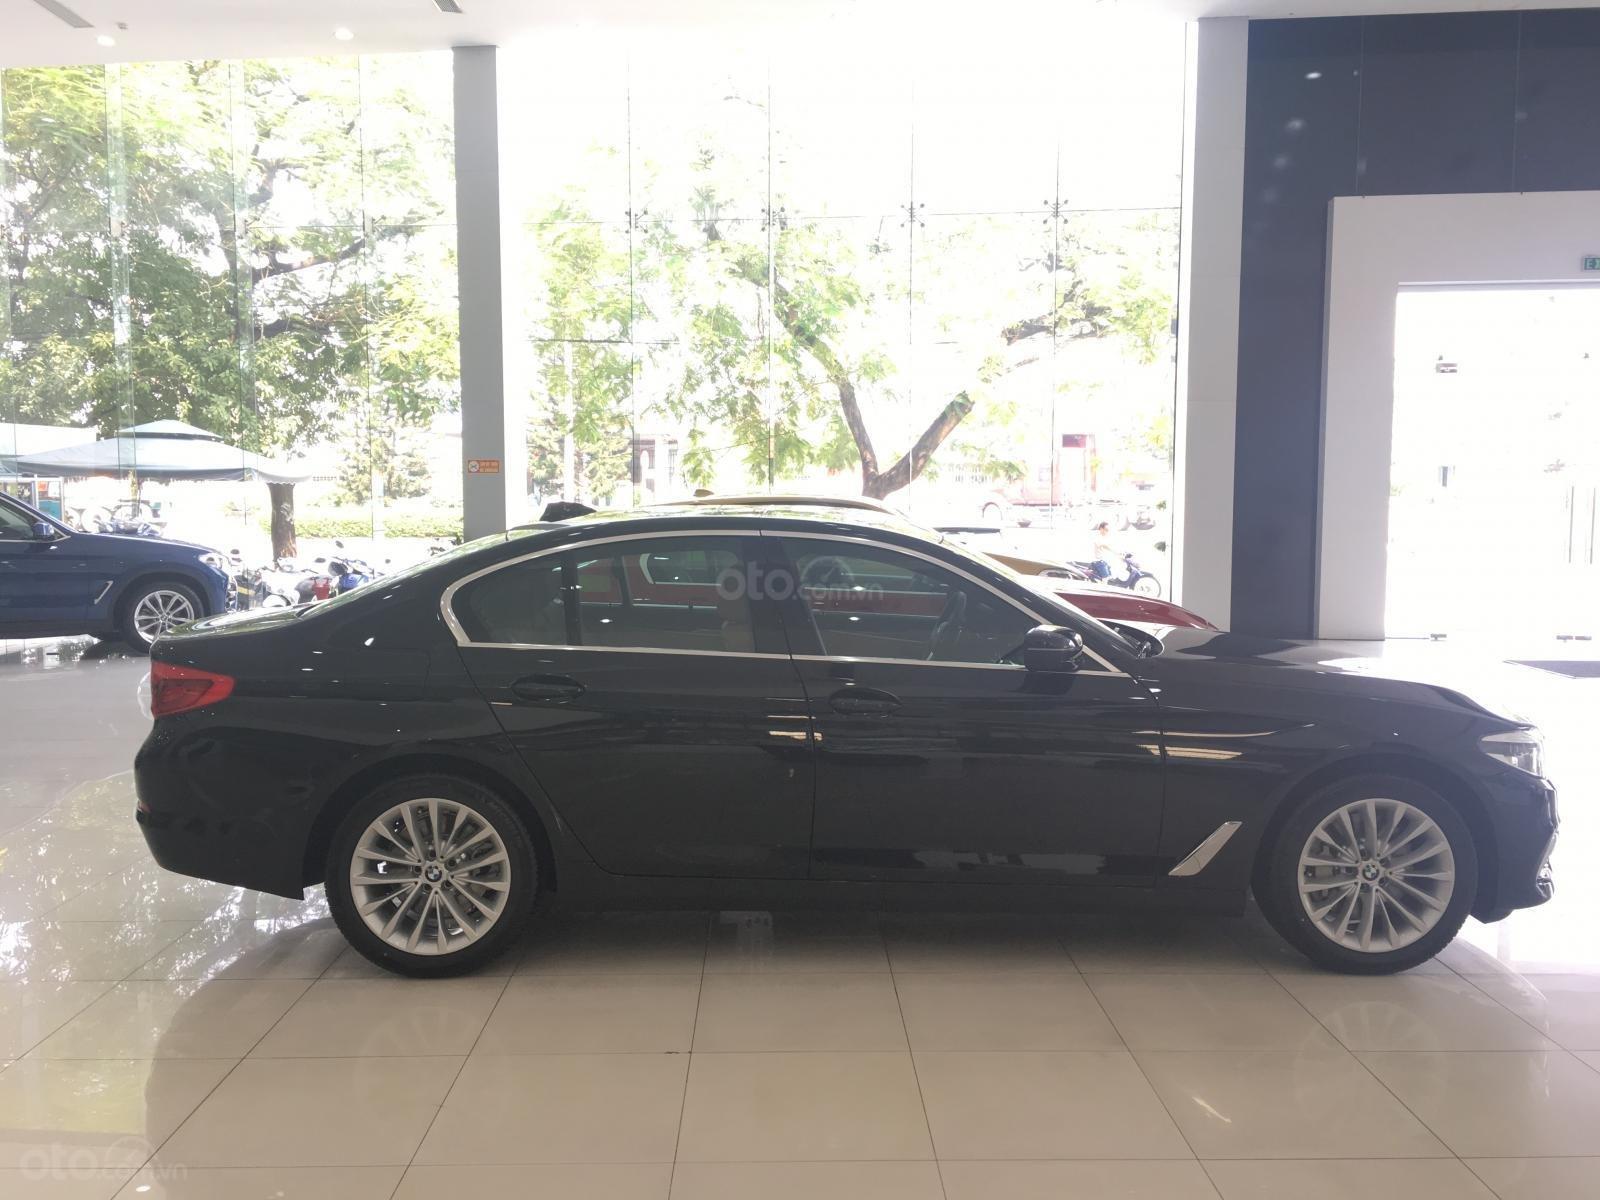 Siêu ưu đãi BMW 530i - Tặng 170 triệu tiền mặt - Xe nhập nguyên chiếc từ Đức (5)